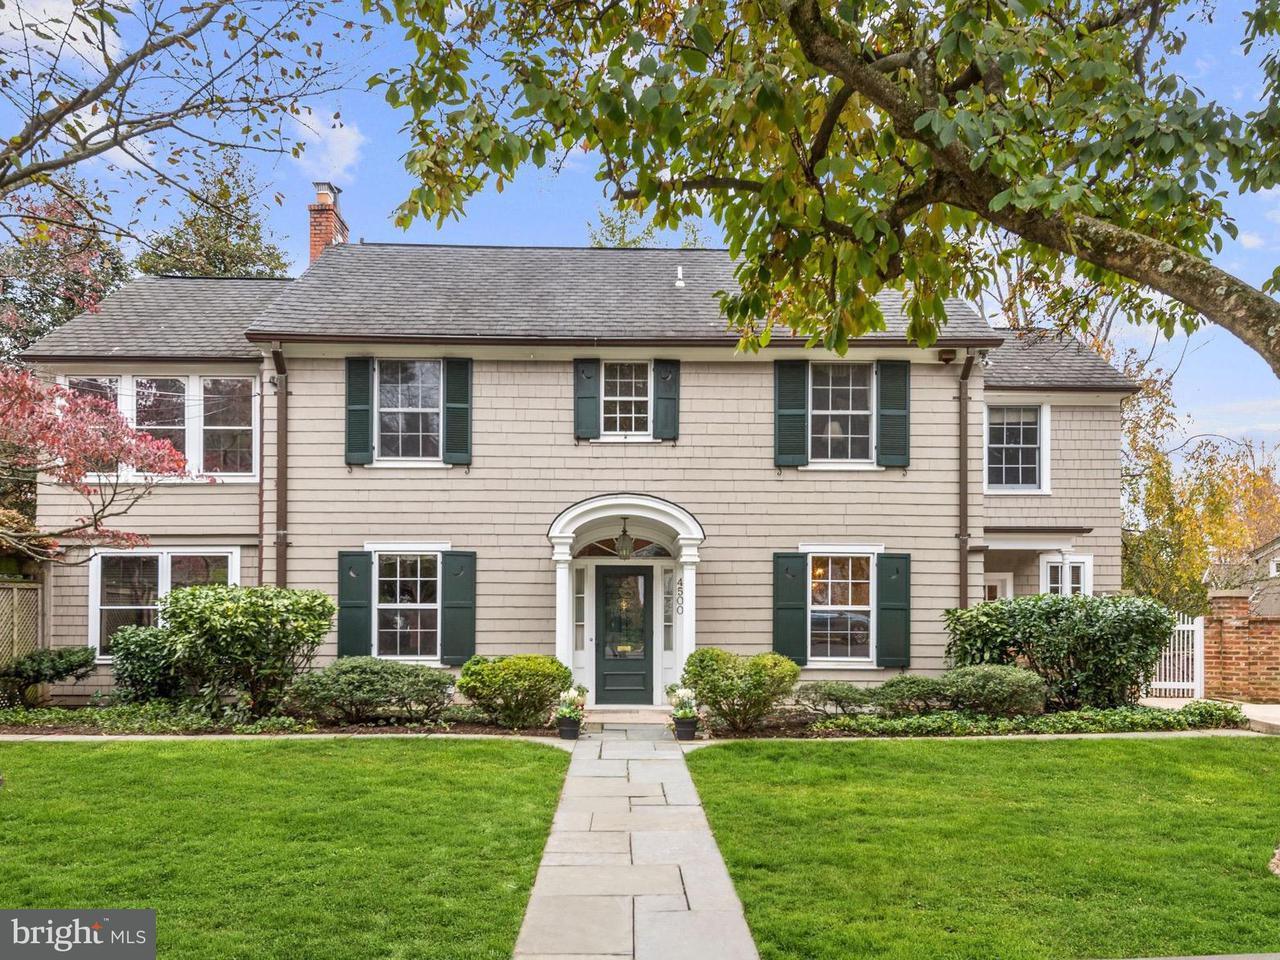 Частный односемейный дом для того Продажа на 4500 Klingle St Nw 4500 Klingle St Nw Washington, Округ Колумбия 20016 Соединенные Штаты